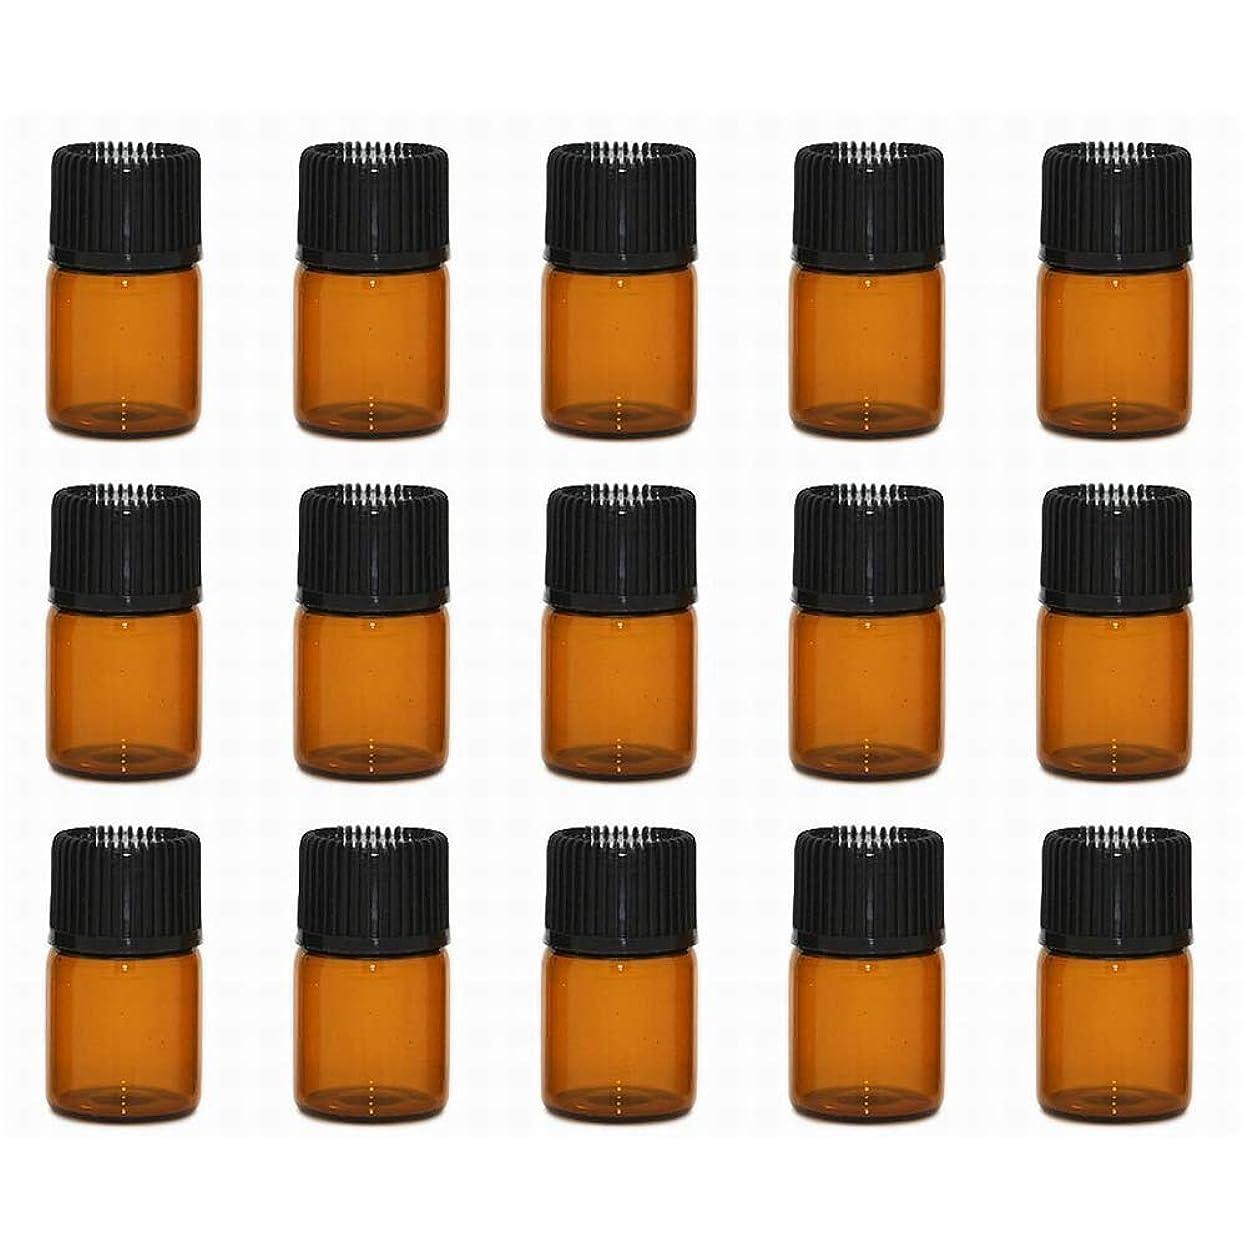 可能性コンペビリーアロマオイル 精油 小分け用 遮光瓶 セット (1ml 20本 セット)